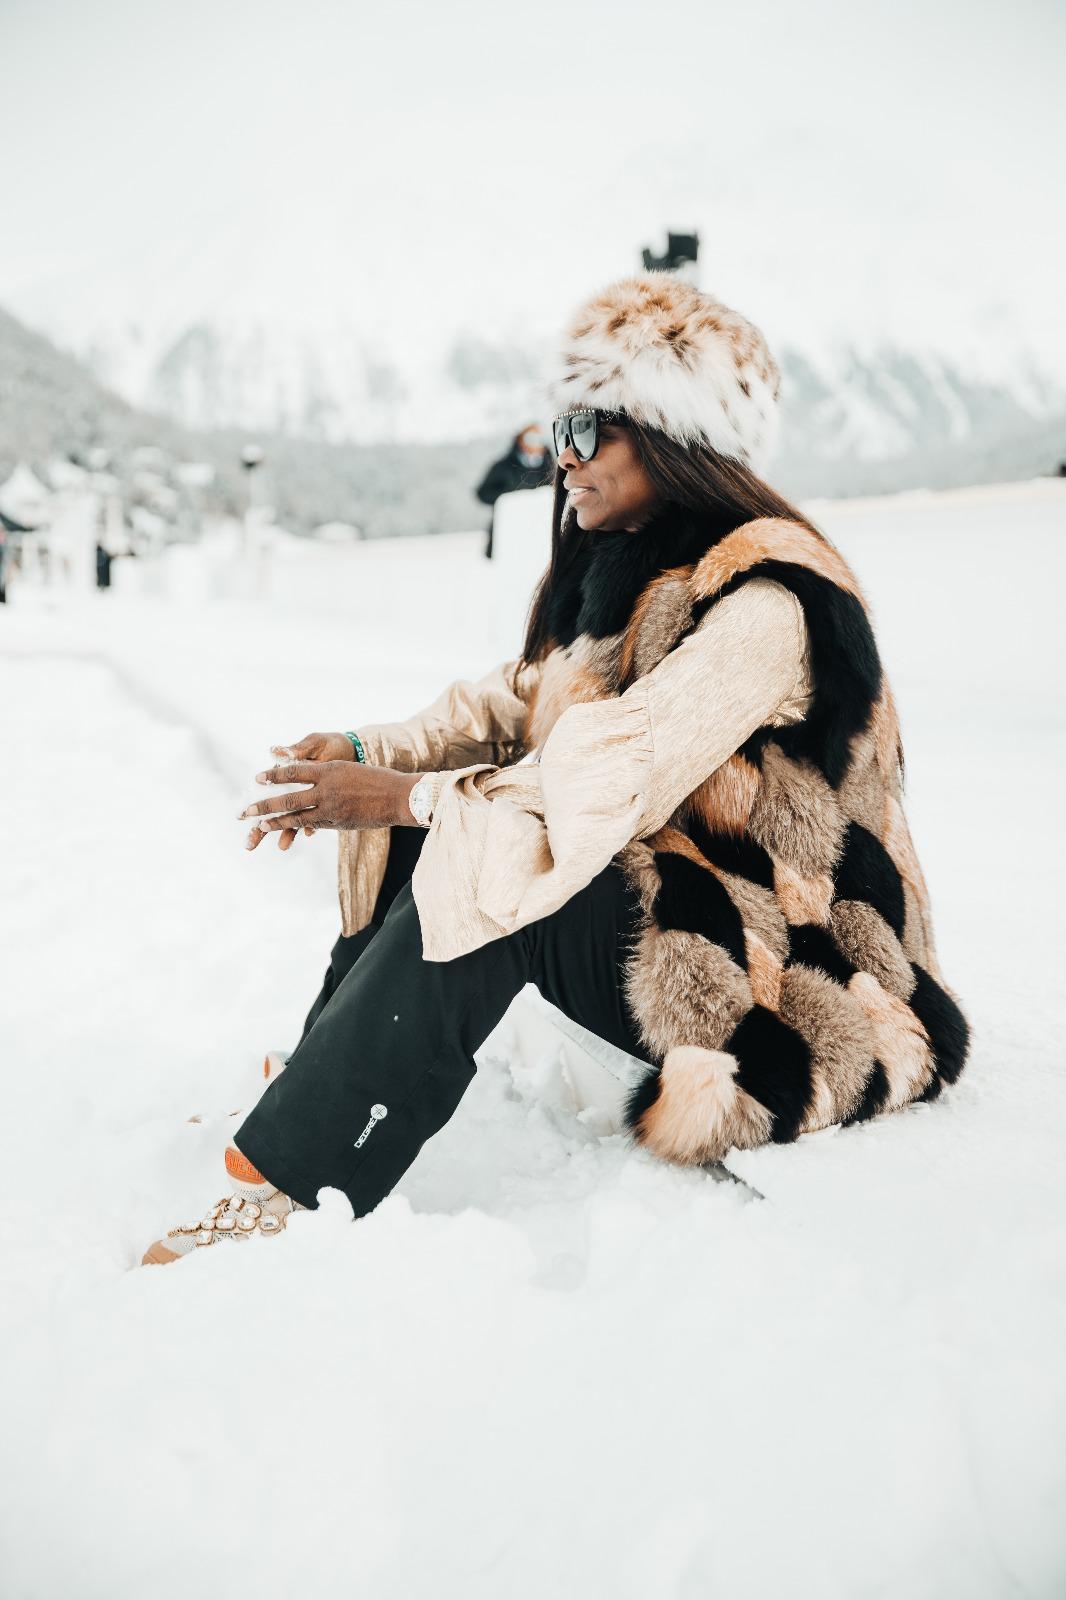 White Turf ysclife Yvonne Seier Christensen in St.Moritz